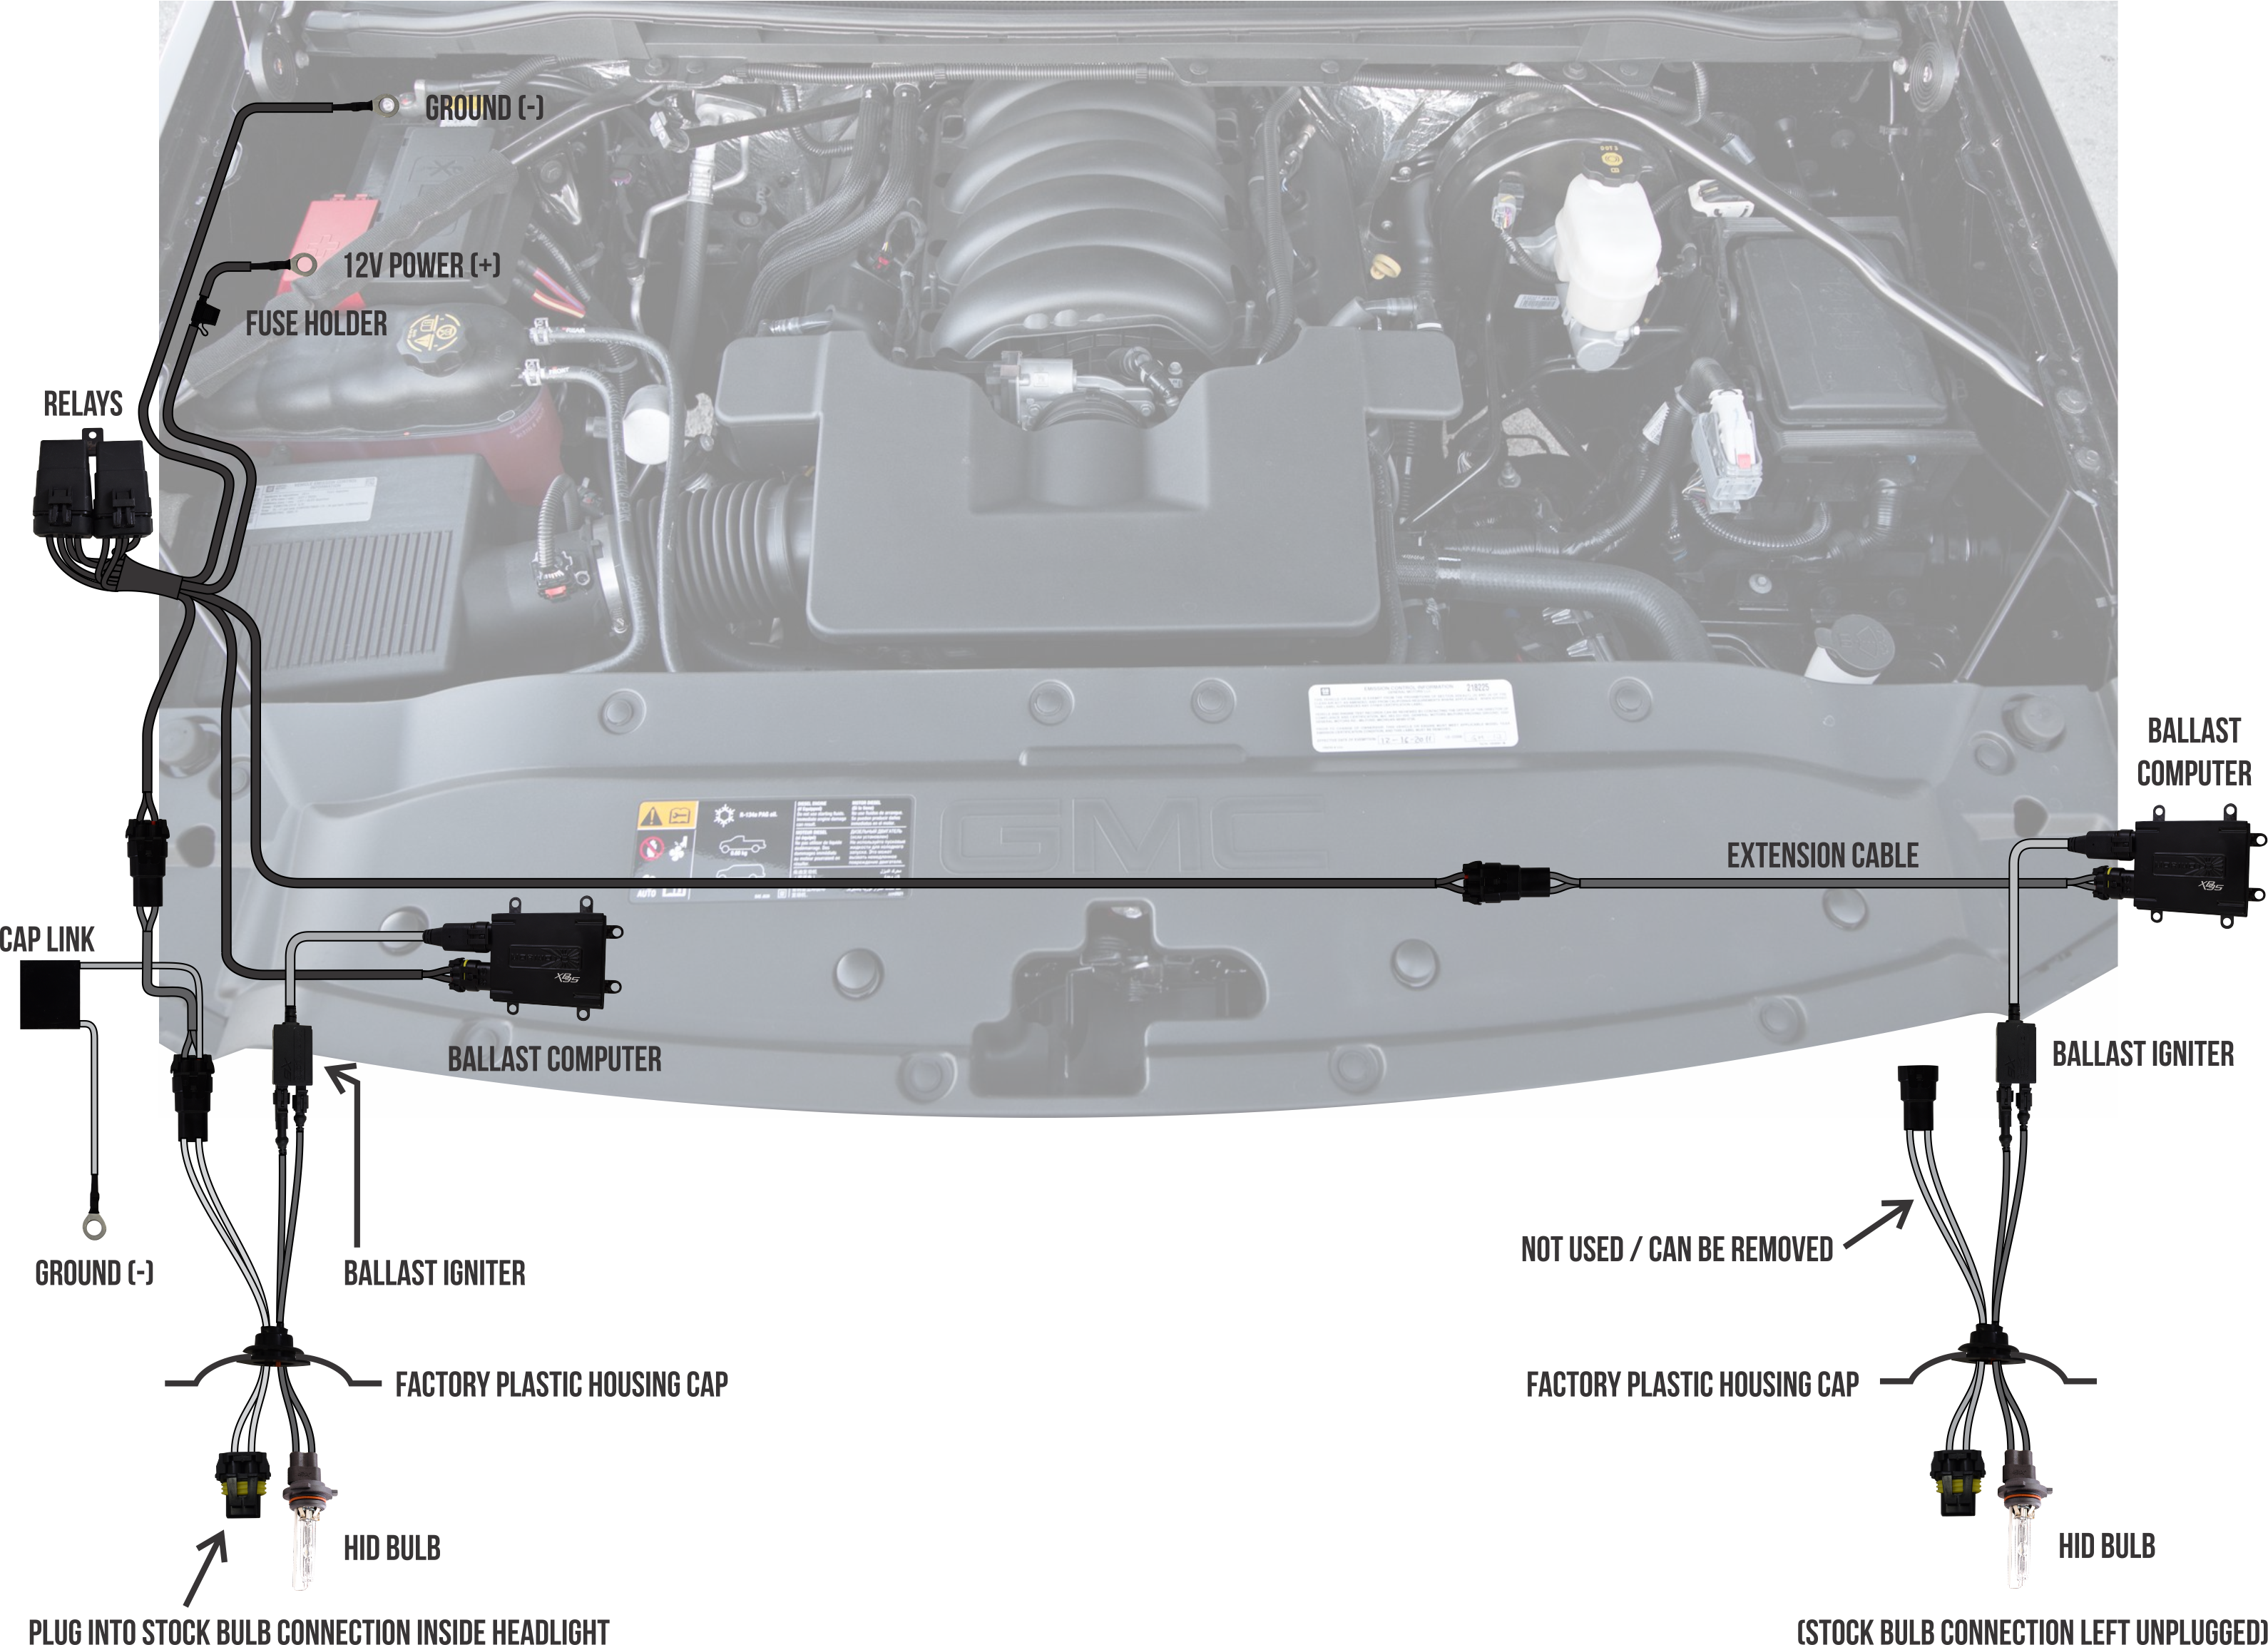 2011 silverado headlight wiring diagram wz 3963  brake controller wiring diagram moreover 2014 gmc terrain  brake controller wiring diagram